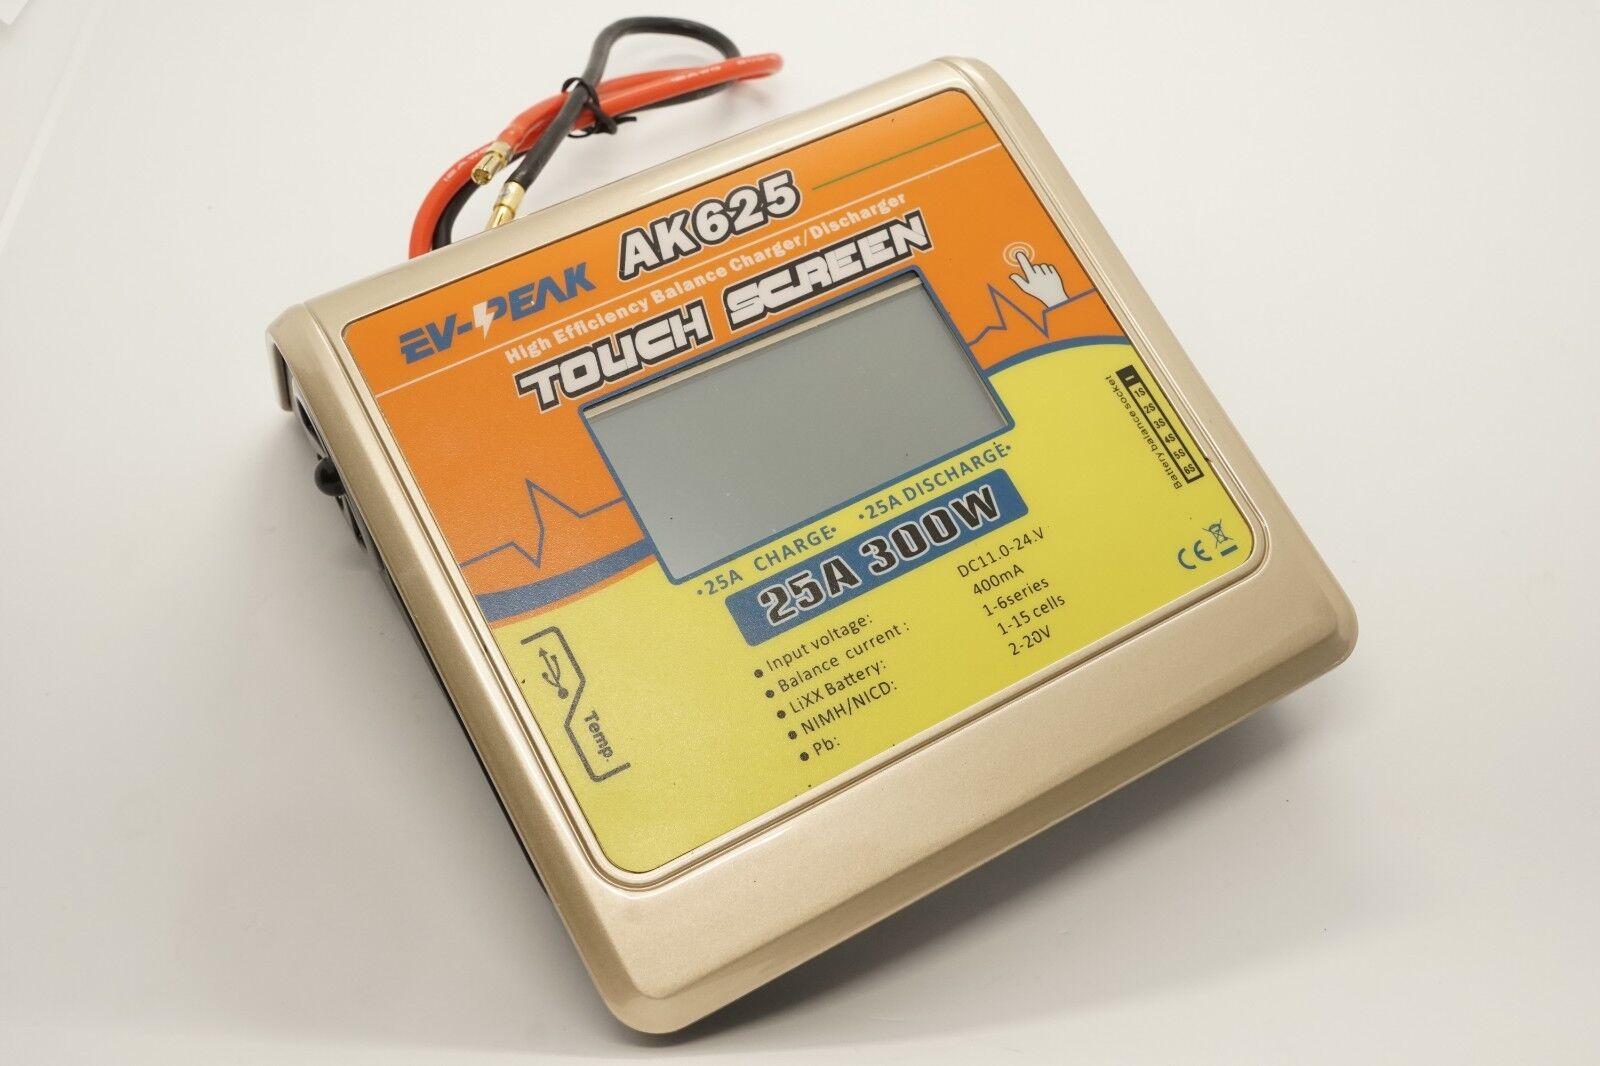 EV-PEAK autoicabatterie AK625 Touch  Screen modellololismo  la migliore moda